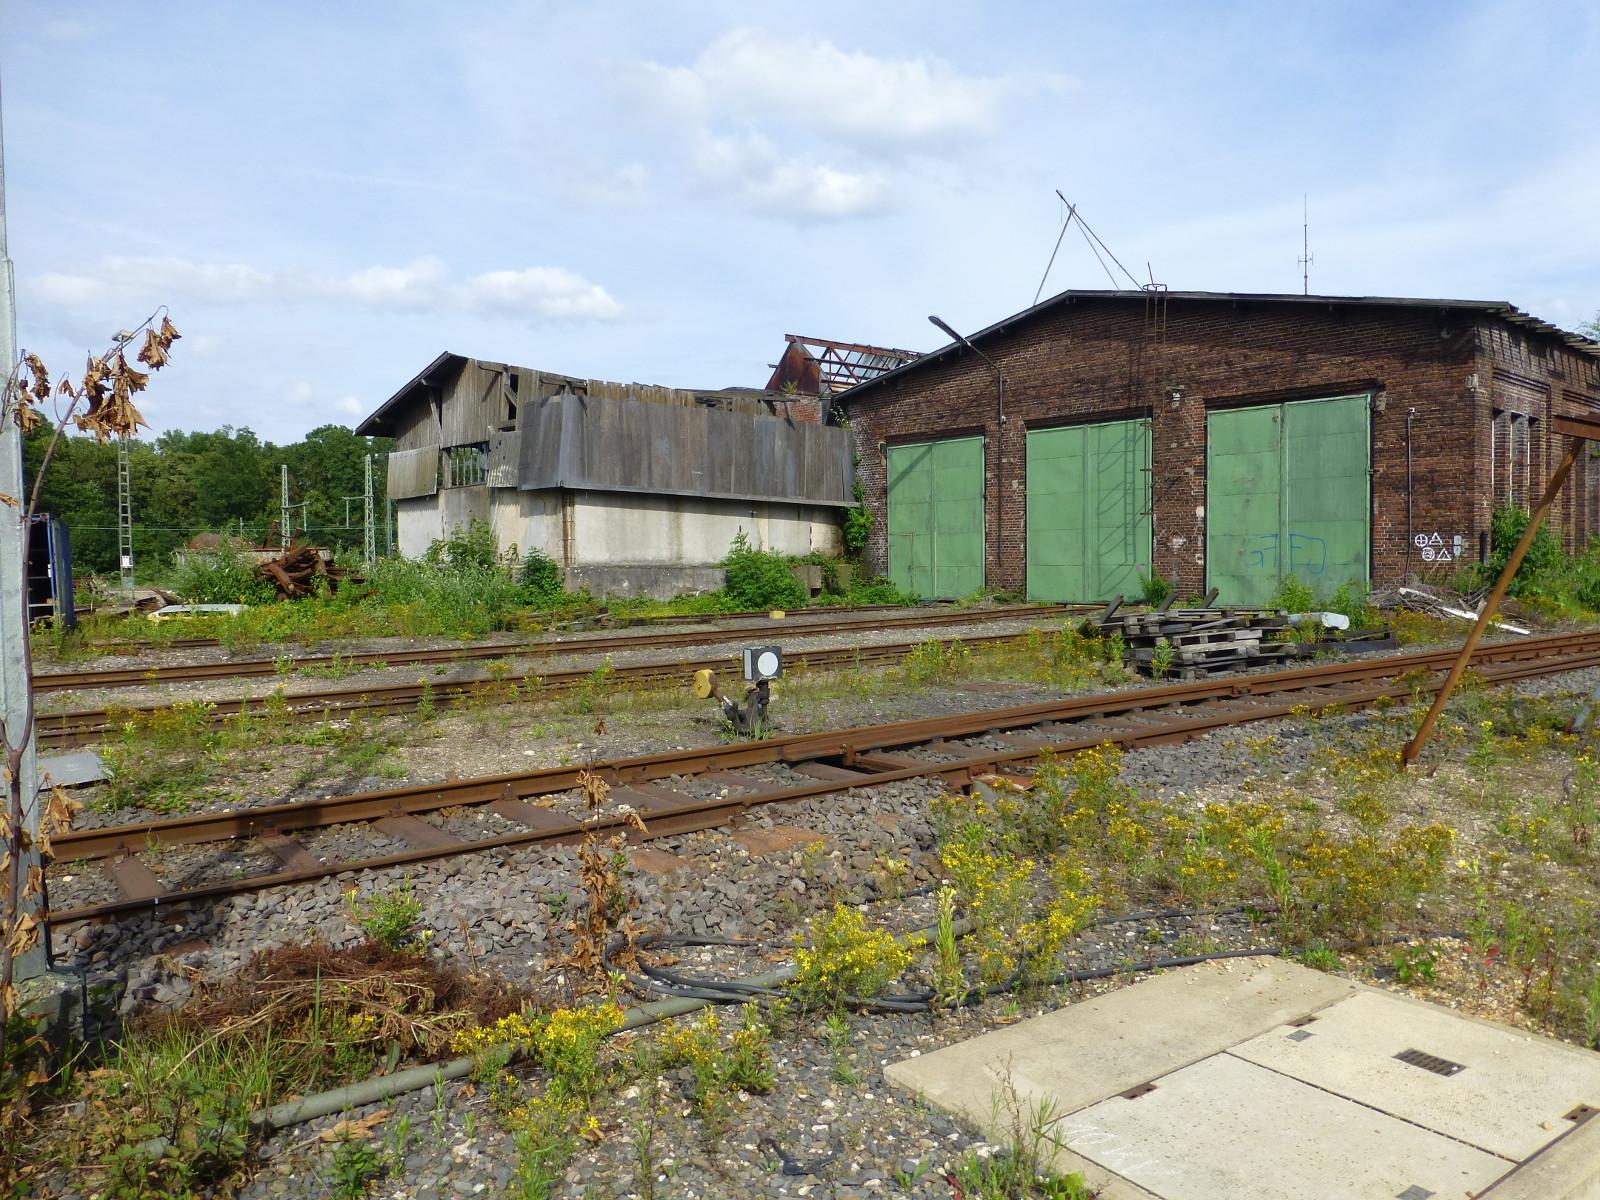 Rheinisches-Industriebahn-Museum Köln